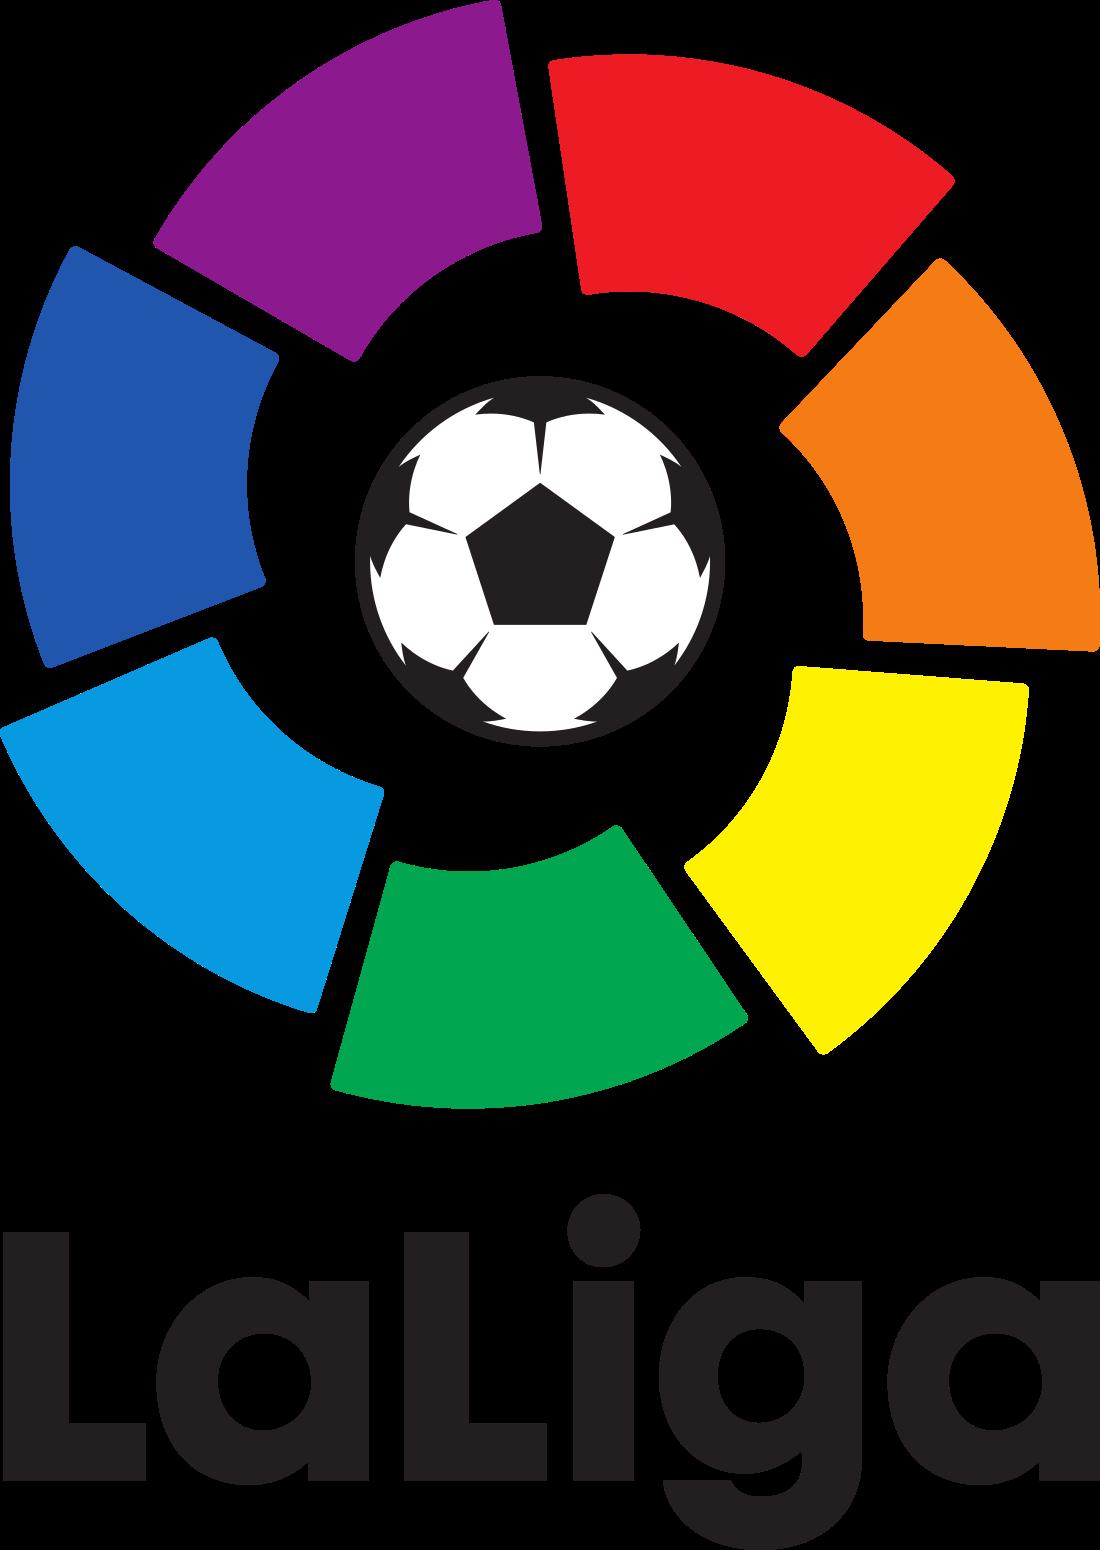 laliga-logo-6